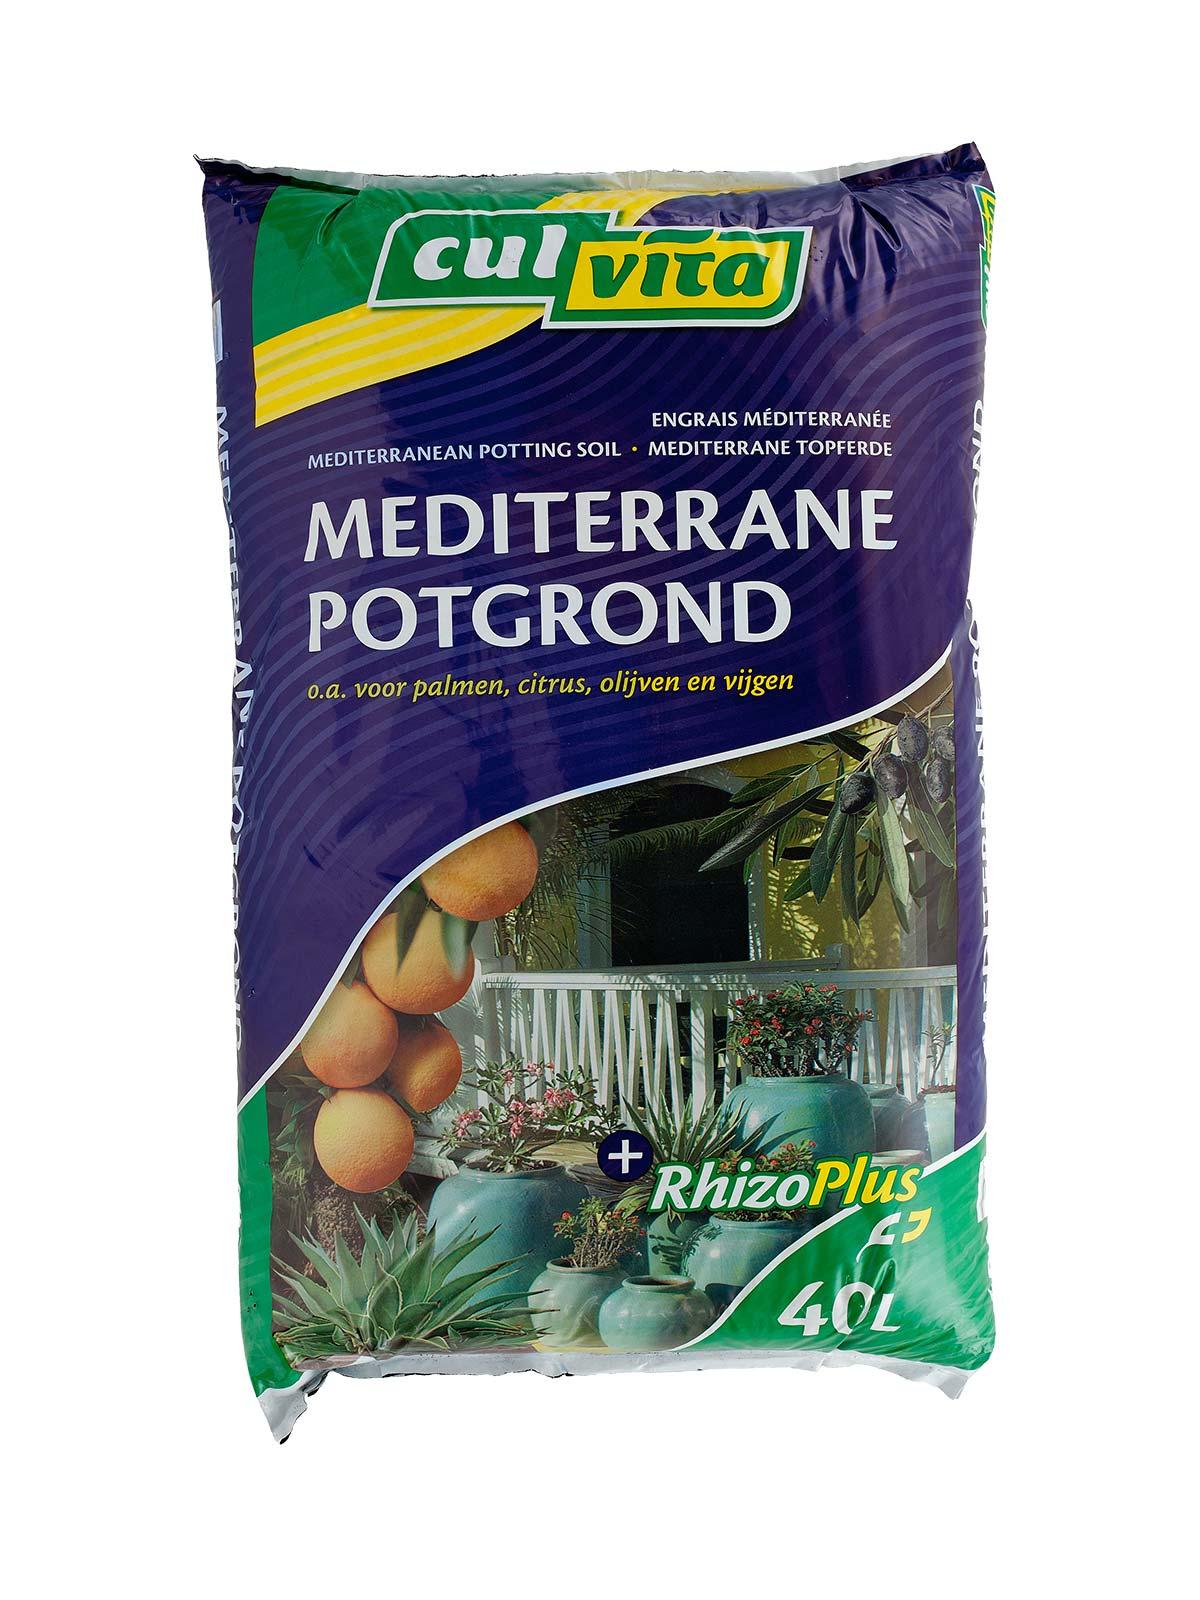 Culvita Mediterrane Potgrond | Culvita.nl